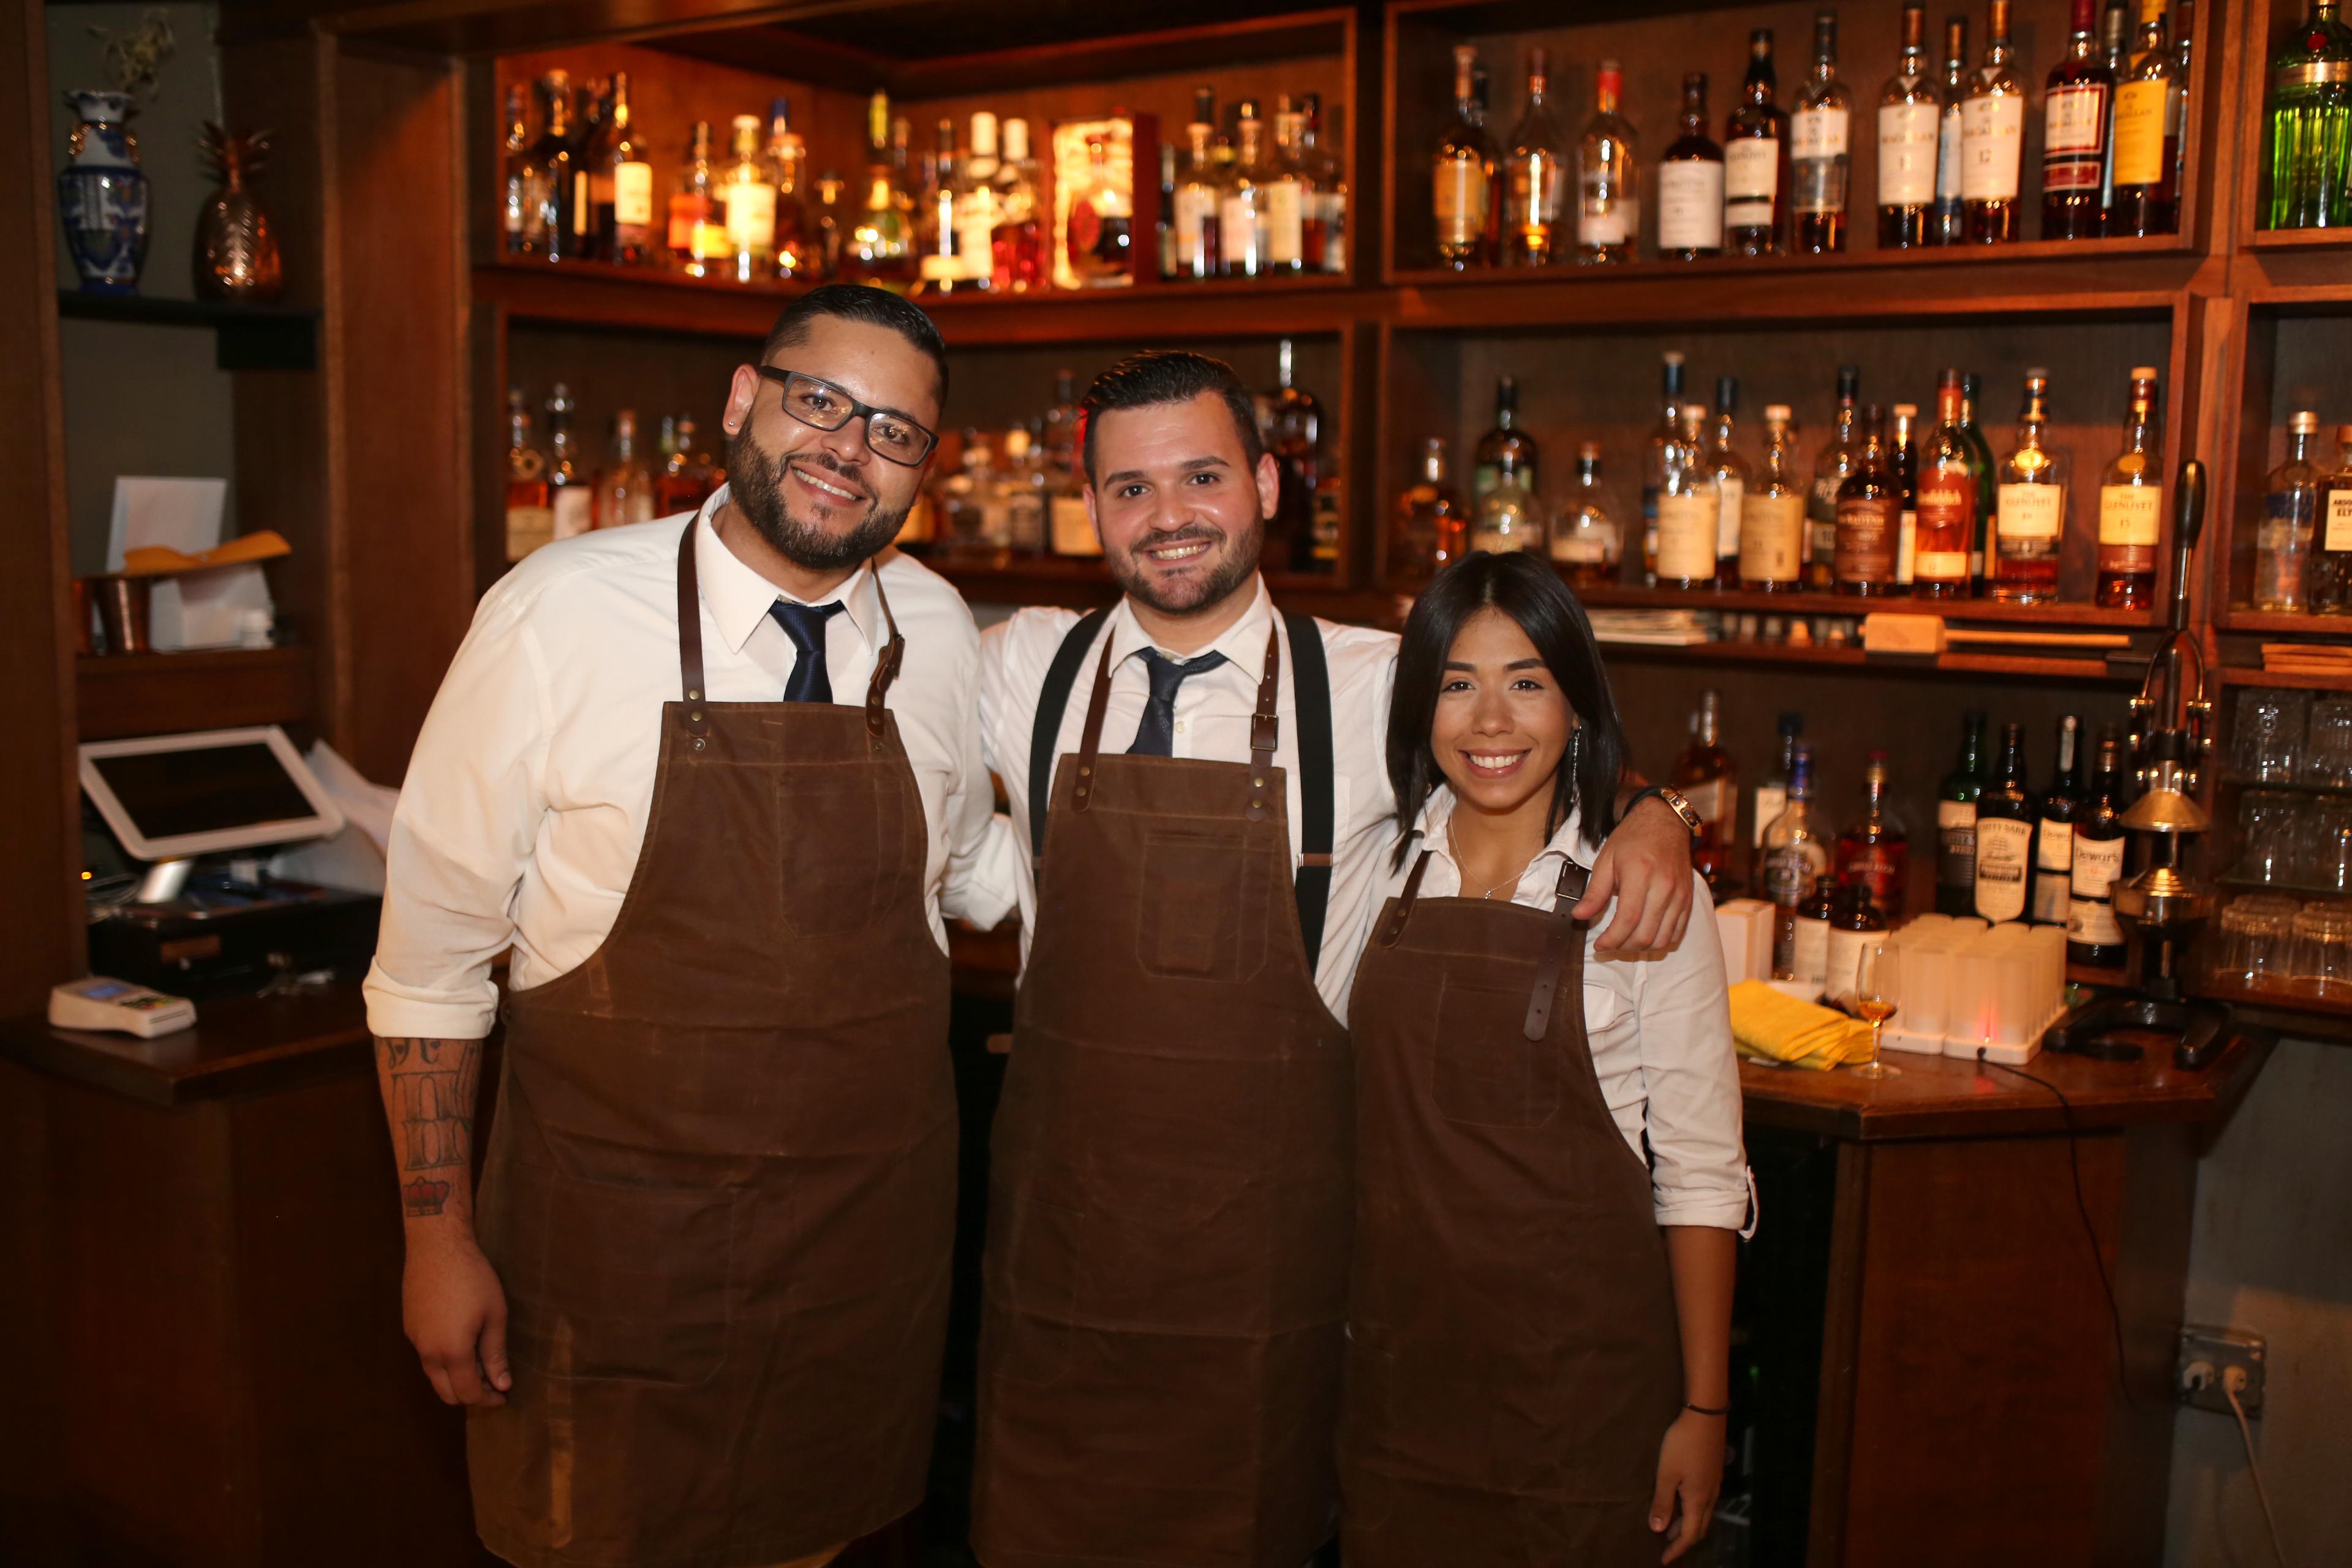 Edrick Colón, Stephen Alonso e Isabel Aymeric, del Bar La Unidad, quienes tuvieron a su cargo la elaboración de los exquisitos tragos. Foto José R. Pérez Centeno